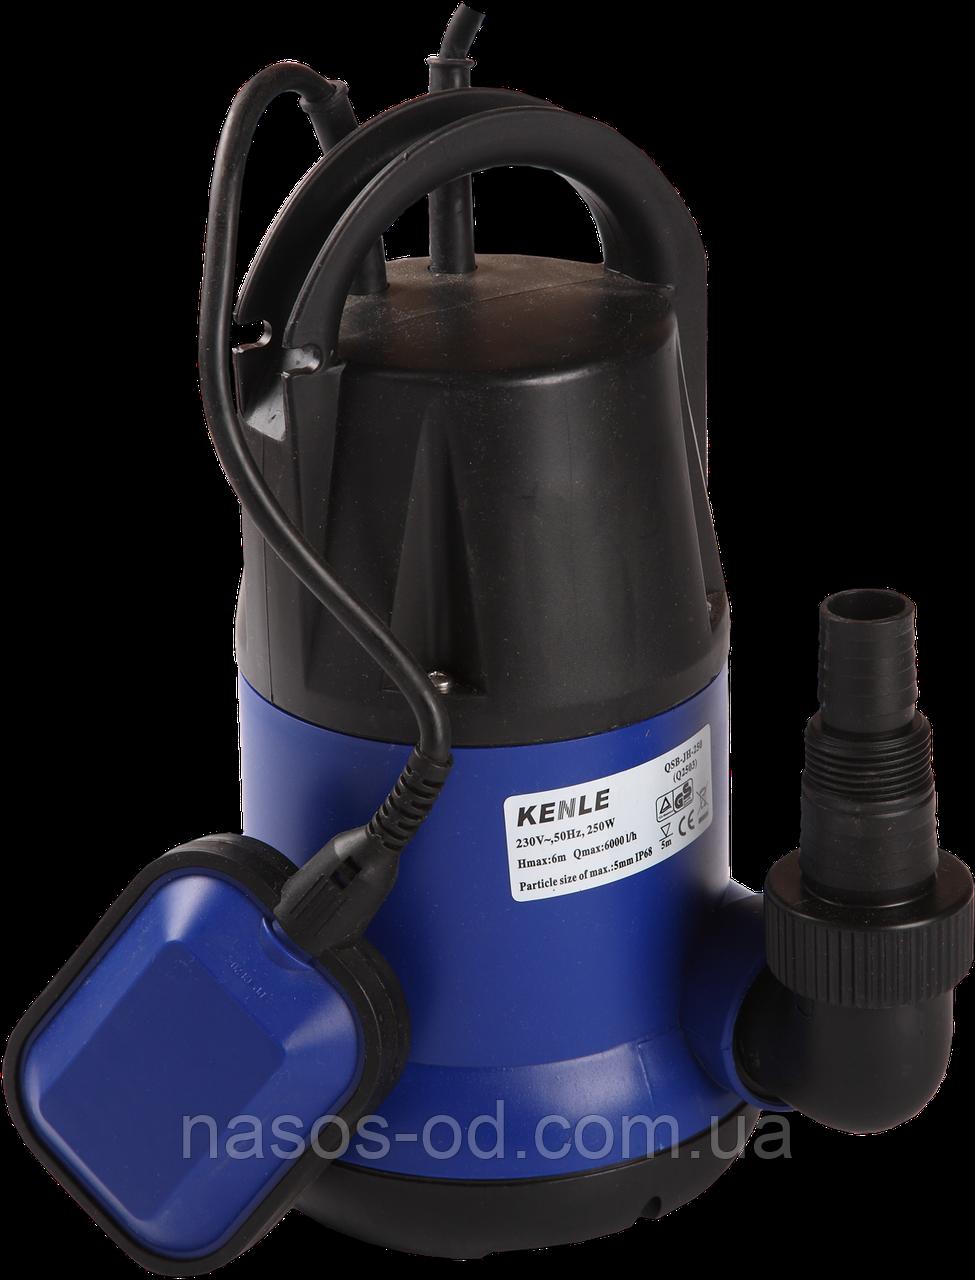 Дренажный насос NEK P-202 садовый для колодцев 0.75кВт Hmax8м Qmax133л/мин. ЗагрязнВода (без поплавка)